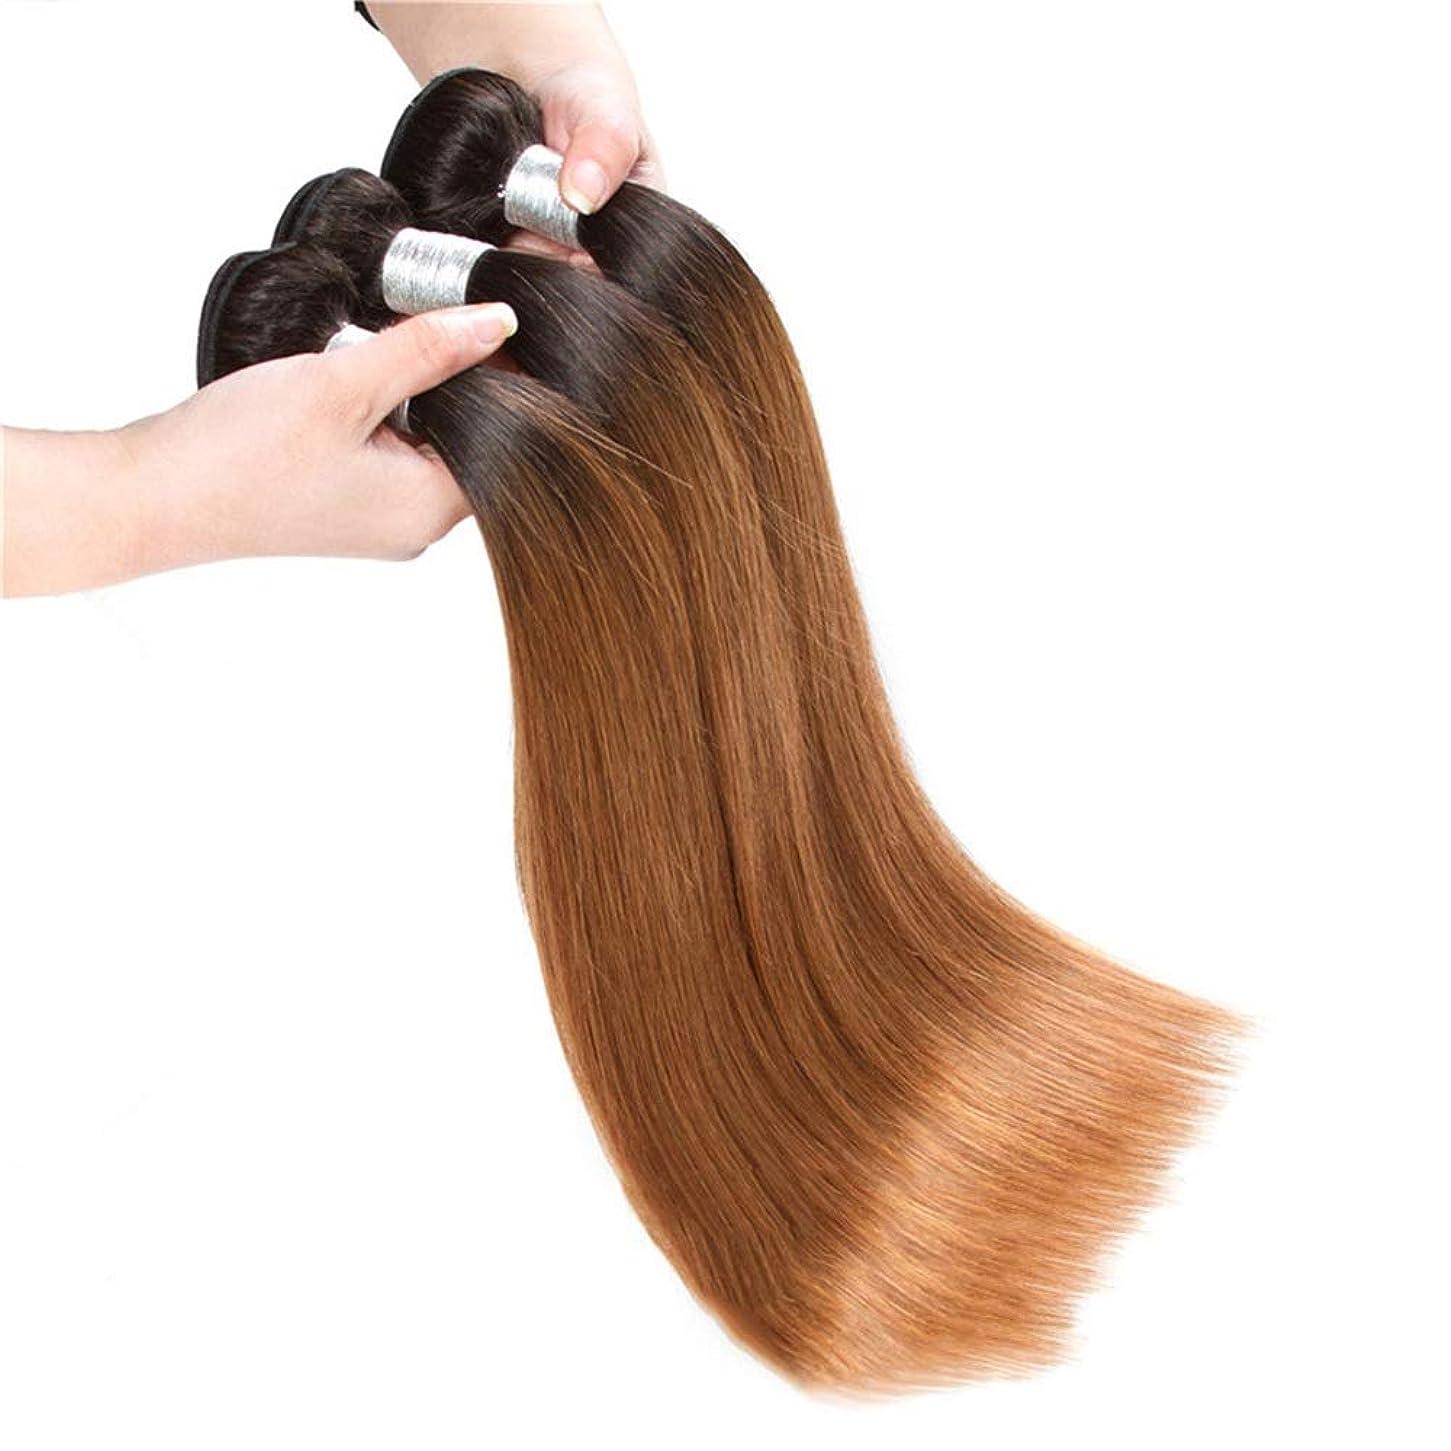 かけるトチの実の木モジュールBOBIDYEE ブラジルのオンブル髪織りバンドルストレート人間の髪の毛の拡張子 - 1バンドル - 1B / 30ブラックトゥブラウン2トーンカラー(100g / PC)ロングストレートウィッグウィッグ (色 : ブラウン, サイズ : 16 inch)